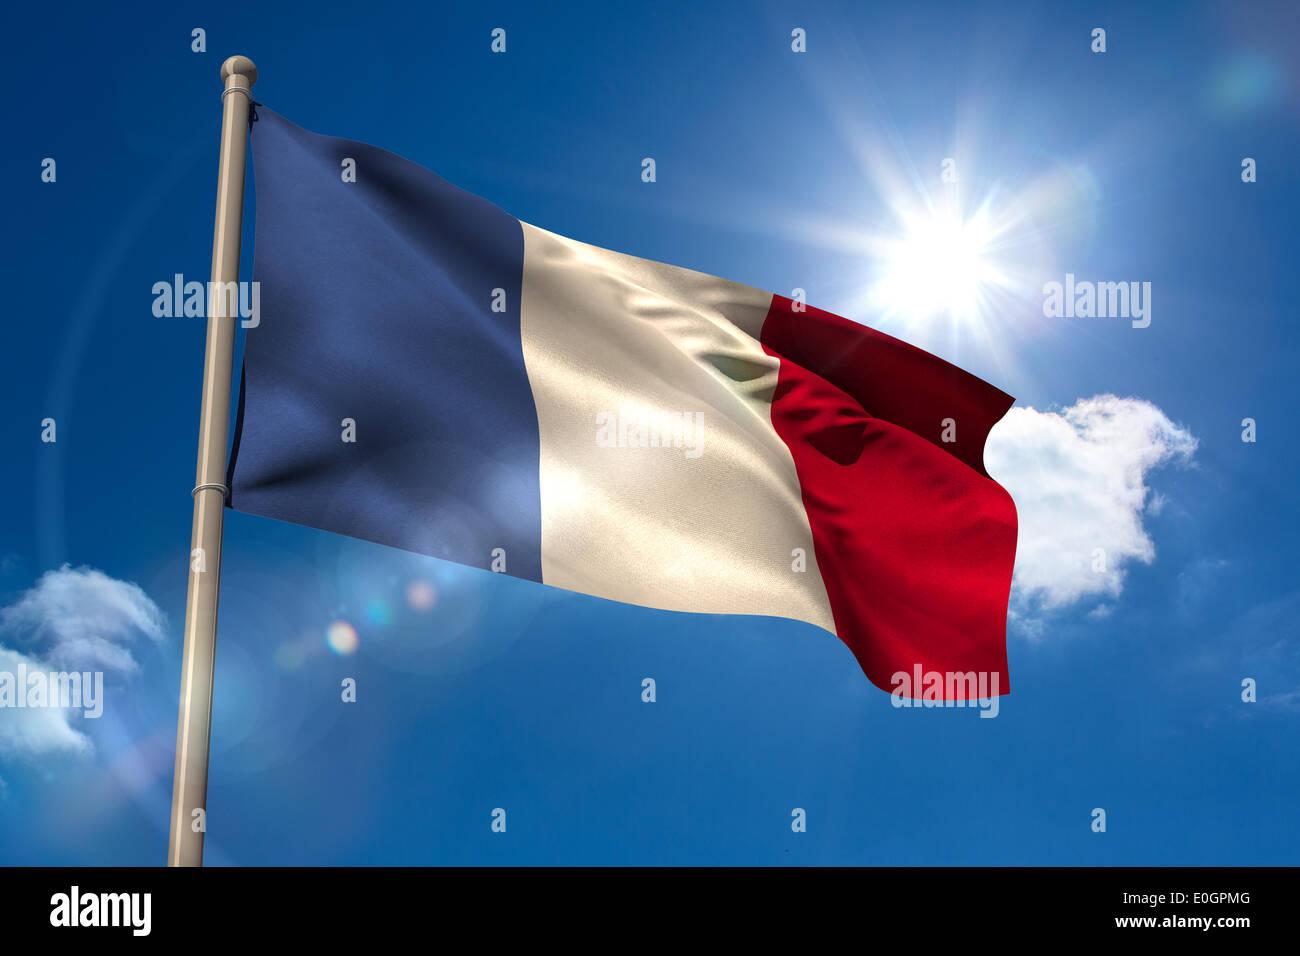 France national flag on flagpole - Stock Image